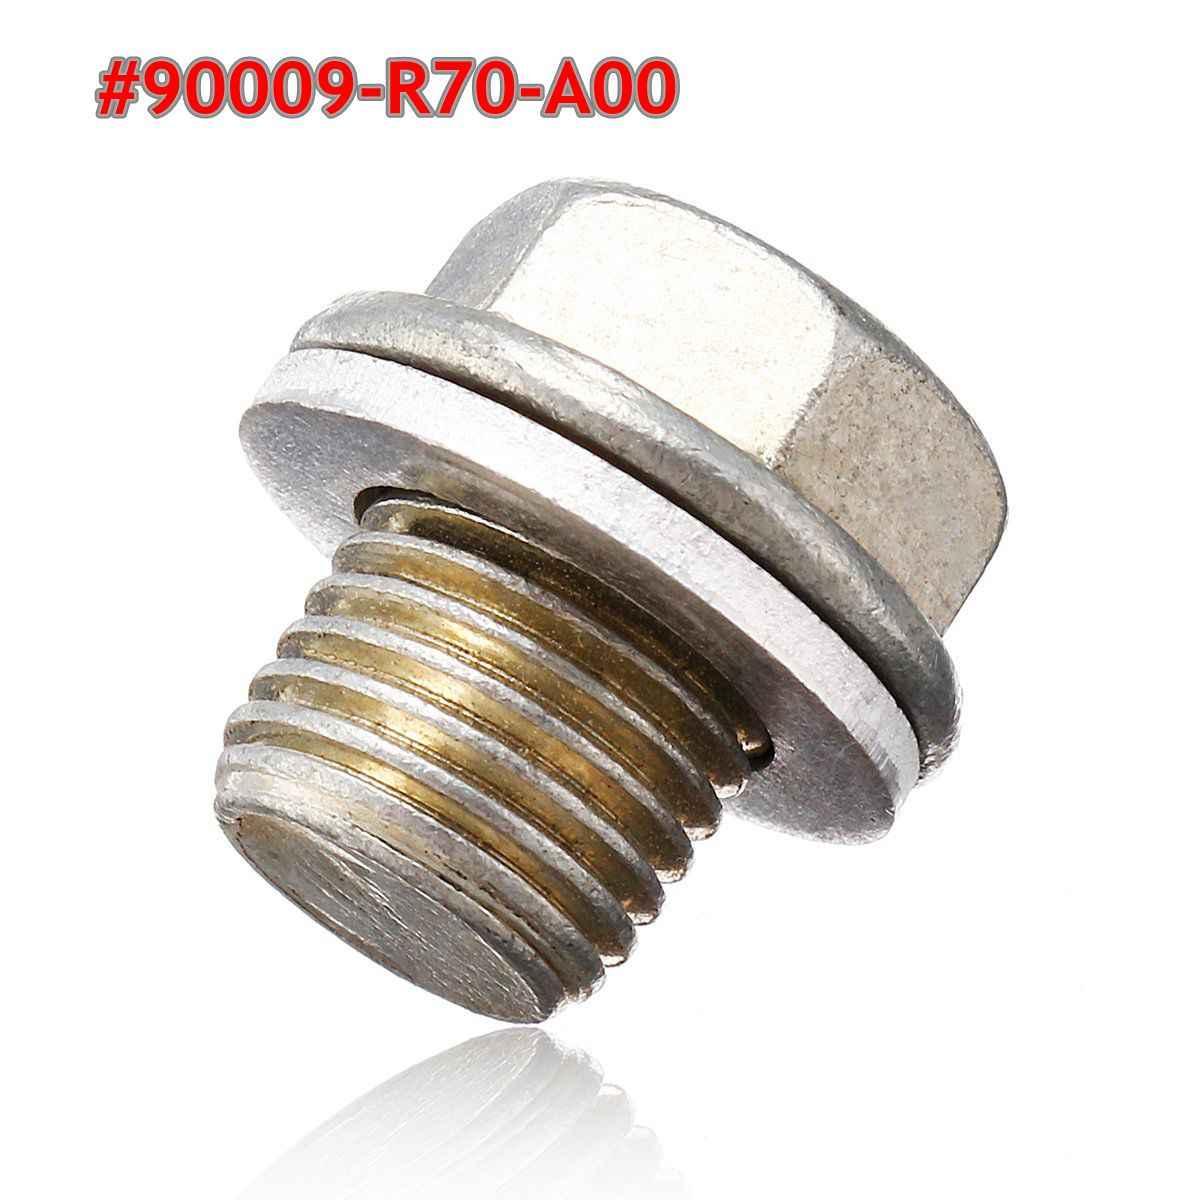 #90009-R70-A00 M14 * 1.25 Motorolie Pan Aftapbout Plug Met Wasmachine Voor Honda Voor Acura Voor Accord 1 pcs/2 Pcs Noten & Bouten